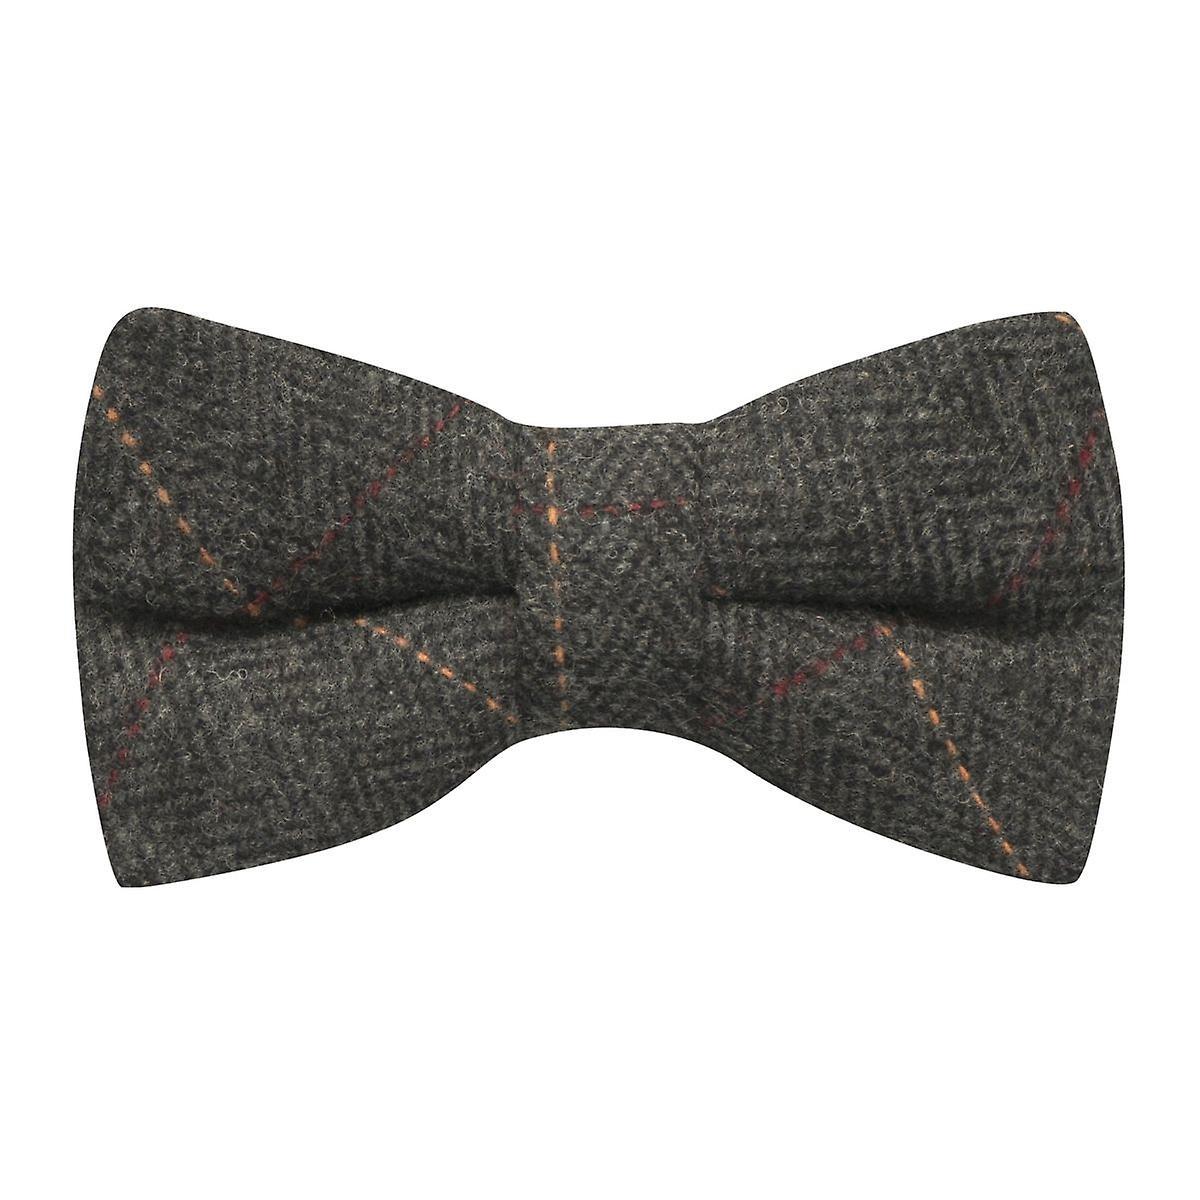 Luxury Herringbone Charcoal Grey Tweed Bow Tie, Bowtie